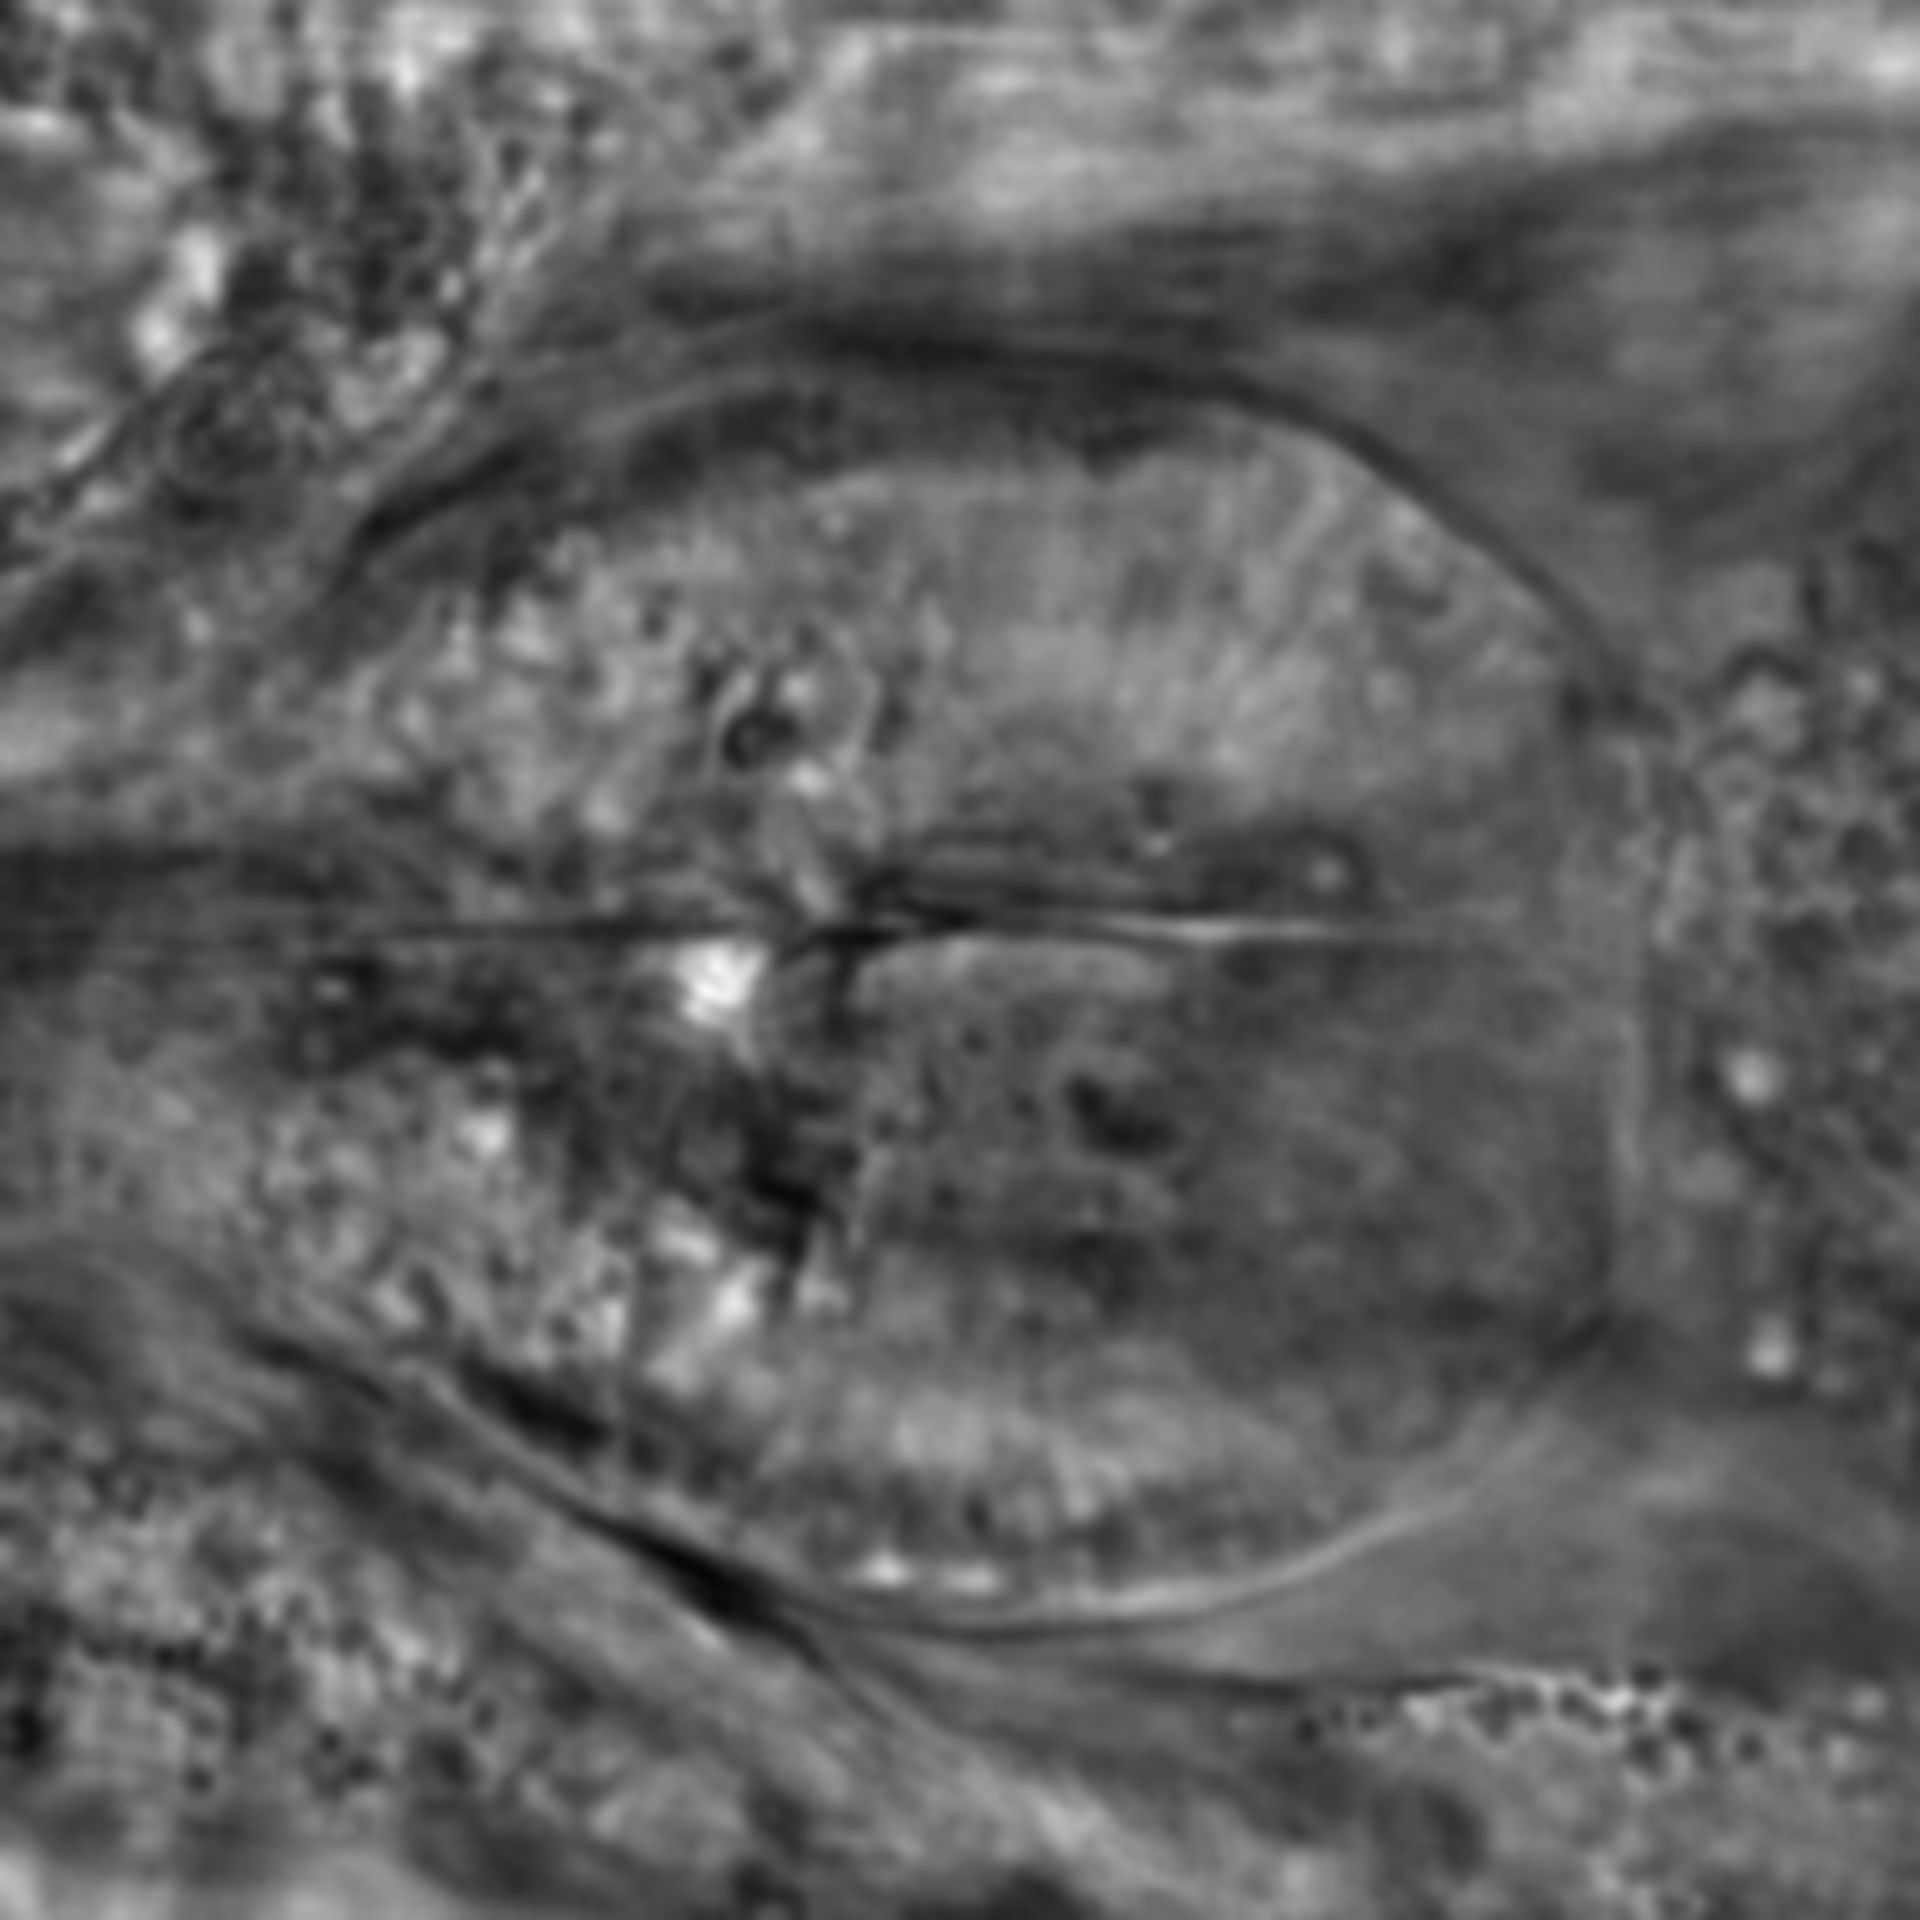 Caenorhabditis elegans - CIL:1987